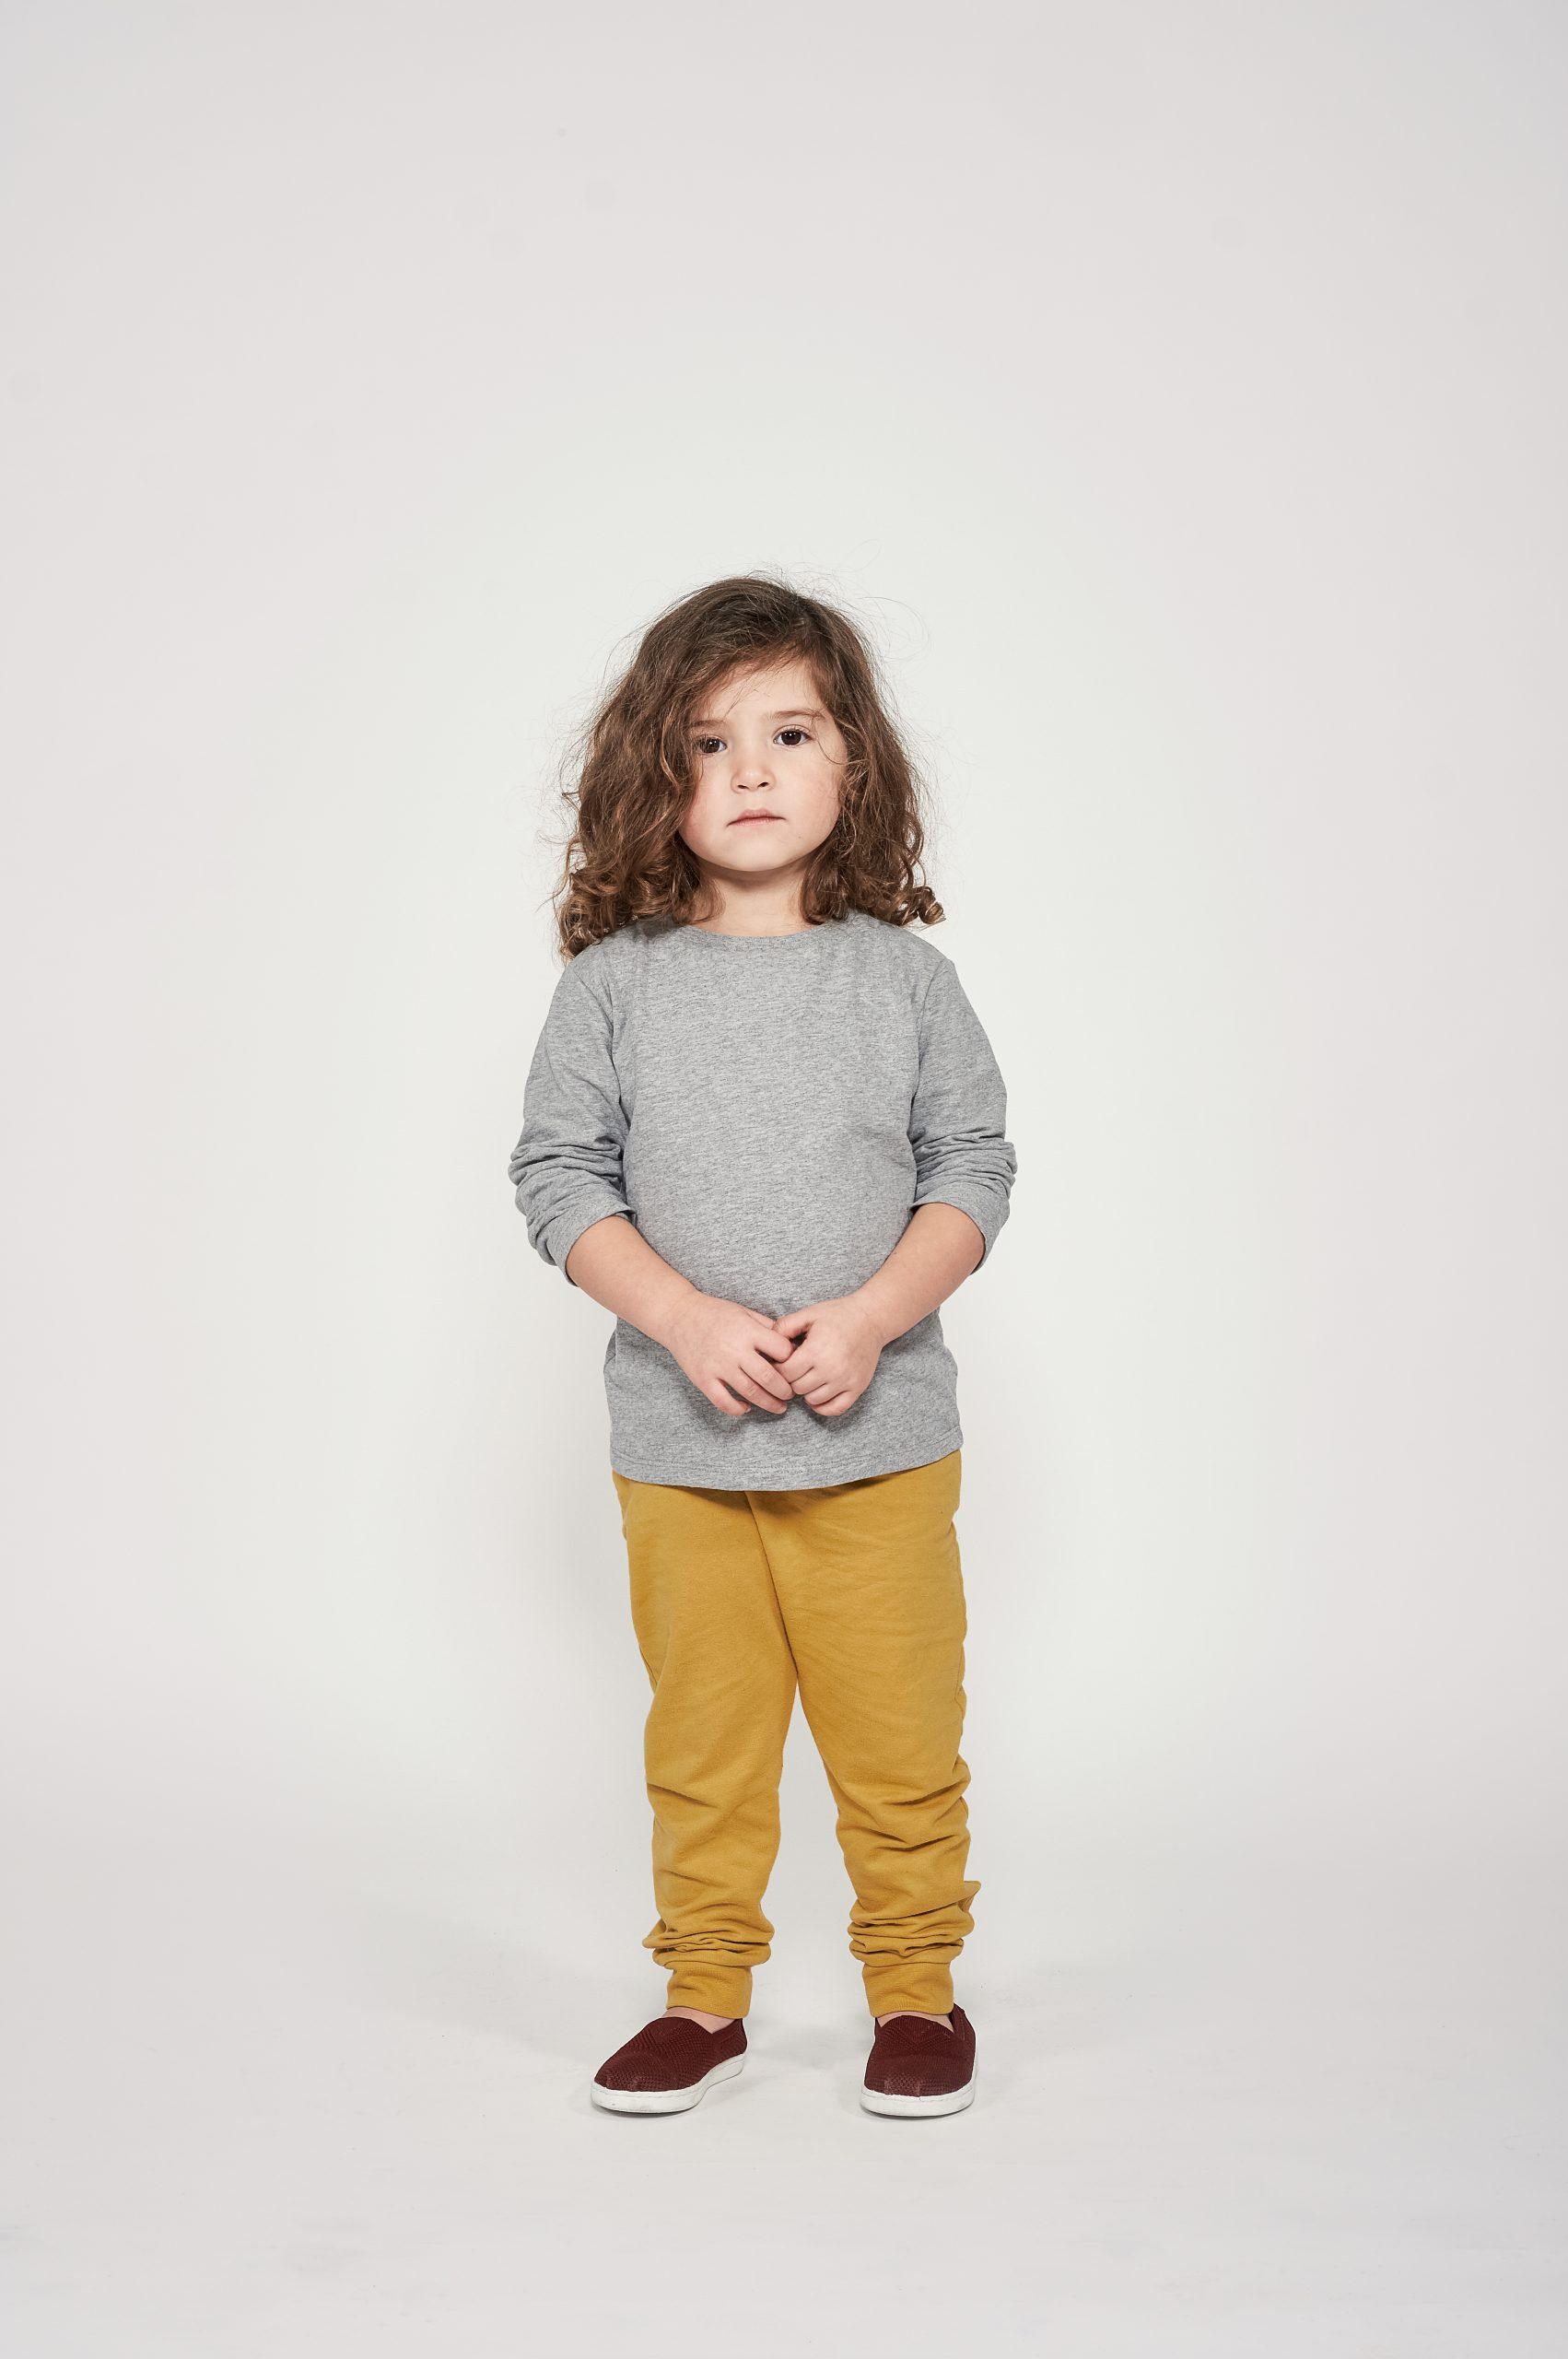 Orbasics: Kinderkleidung aus Biobaumwolle - einfach & gut